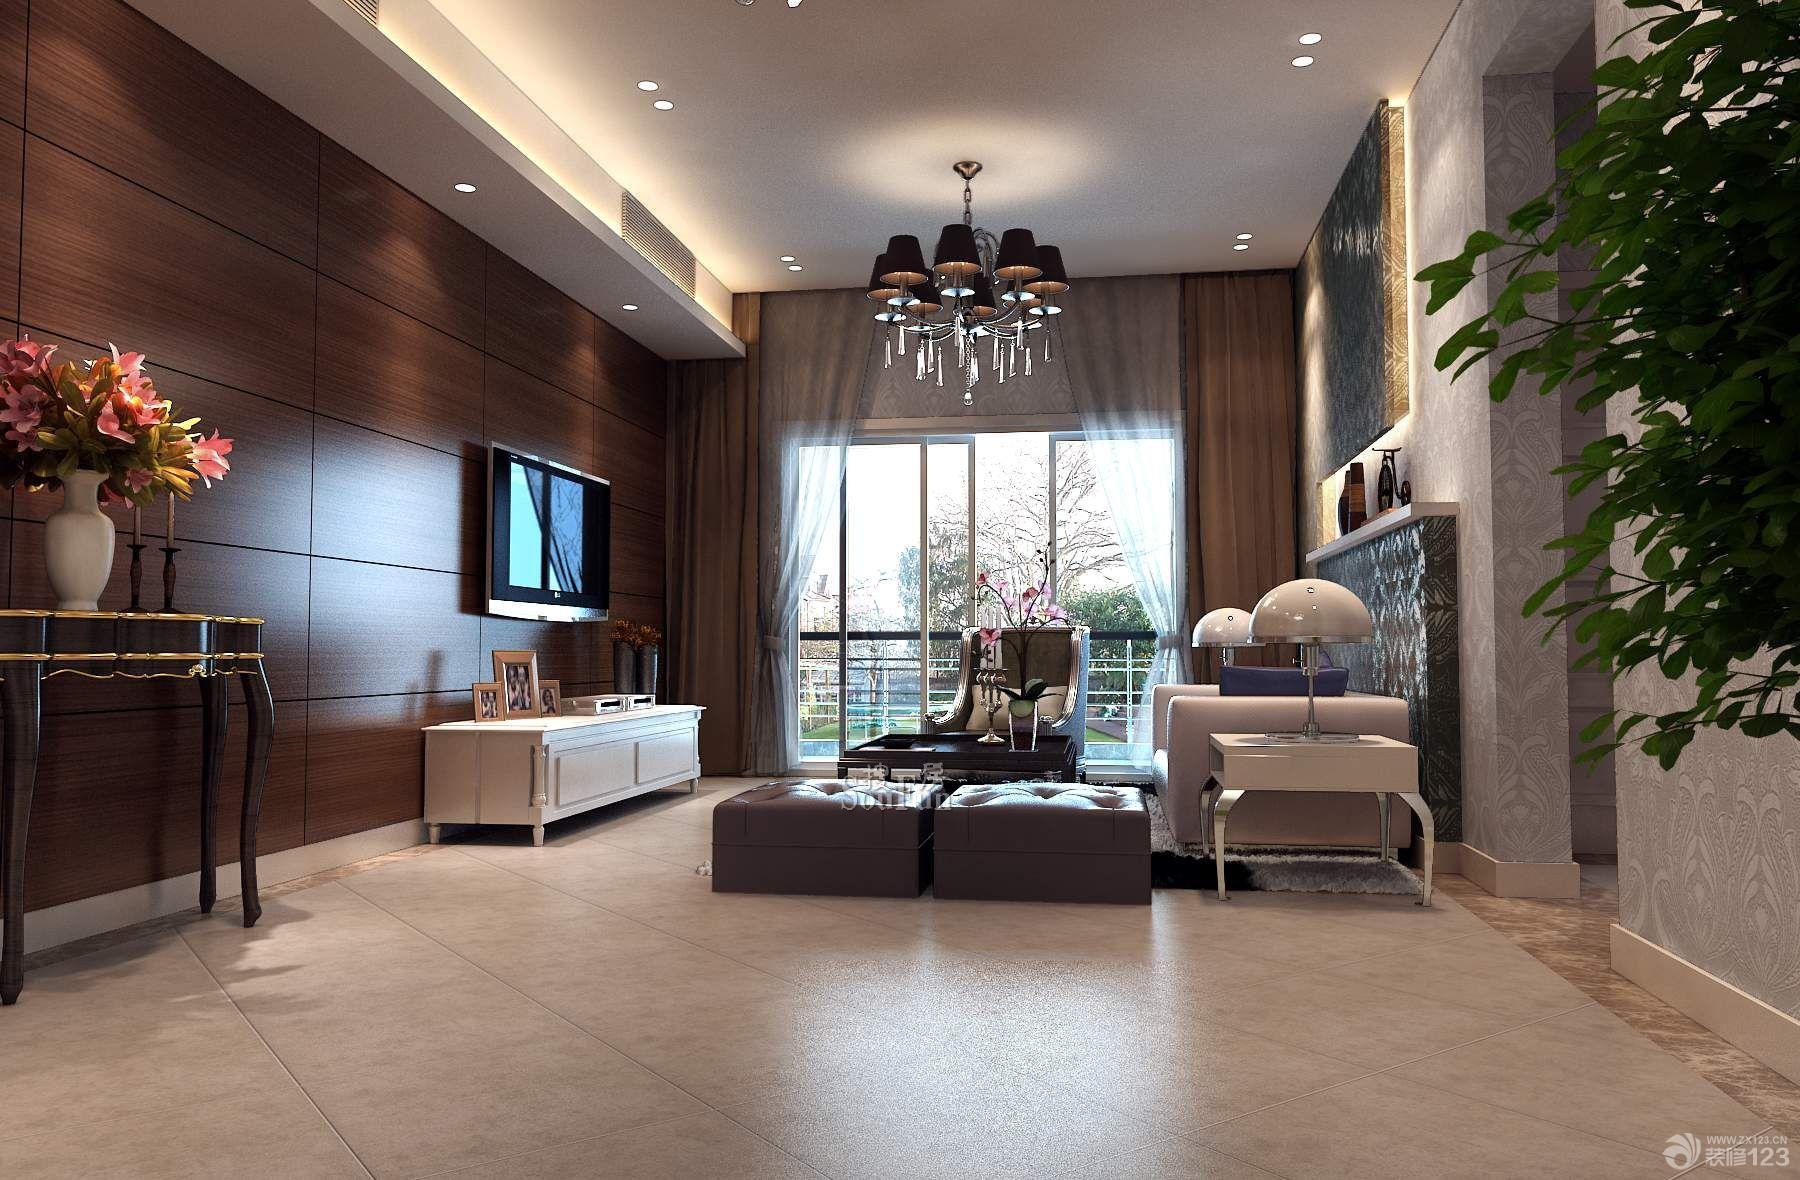 160平米跃式住宅装修设计效果图欣赏图片